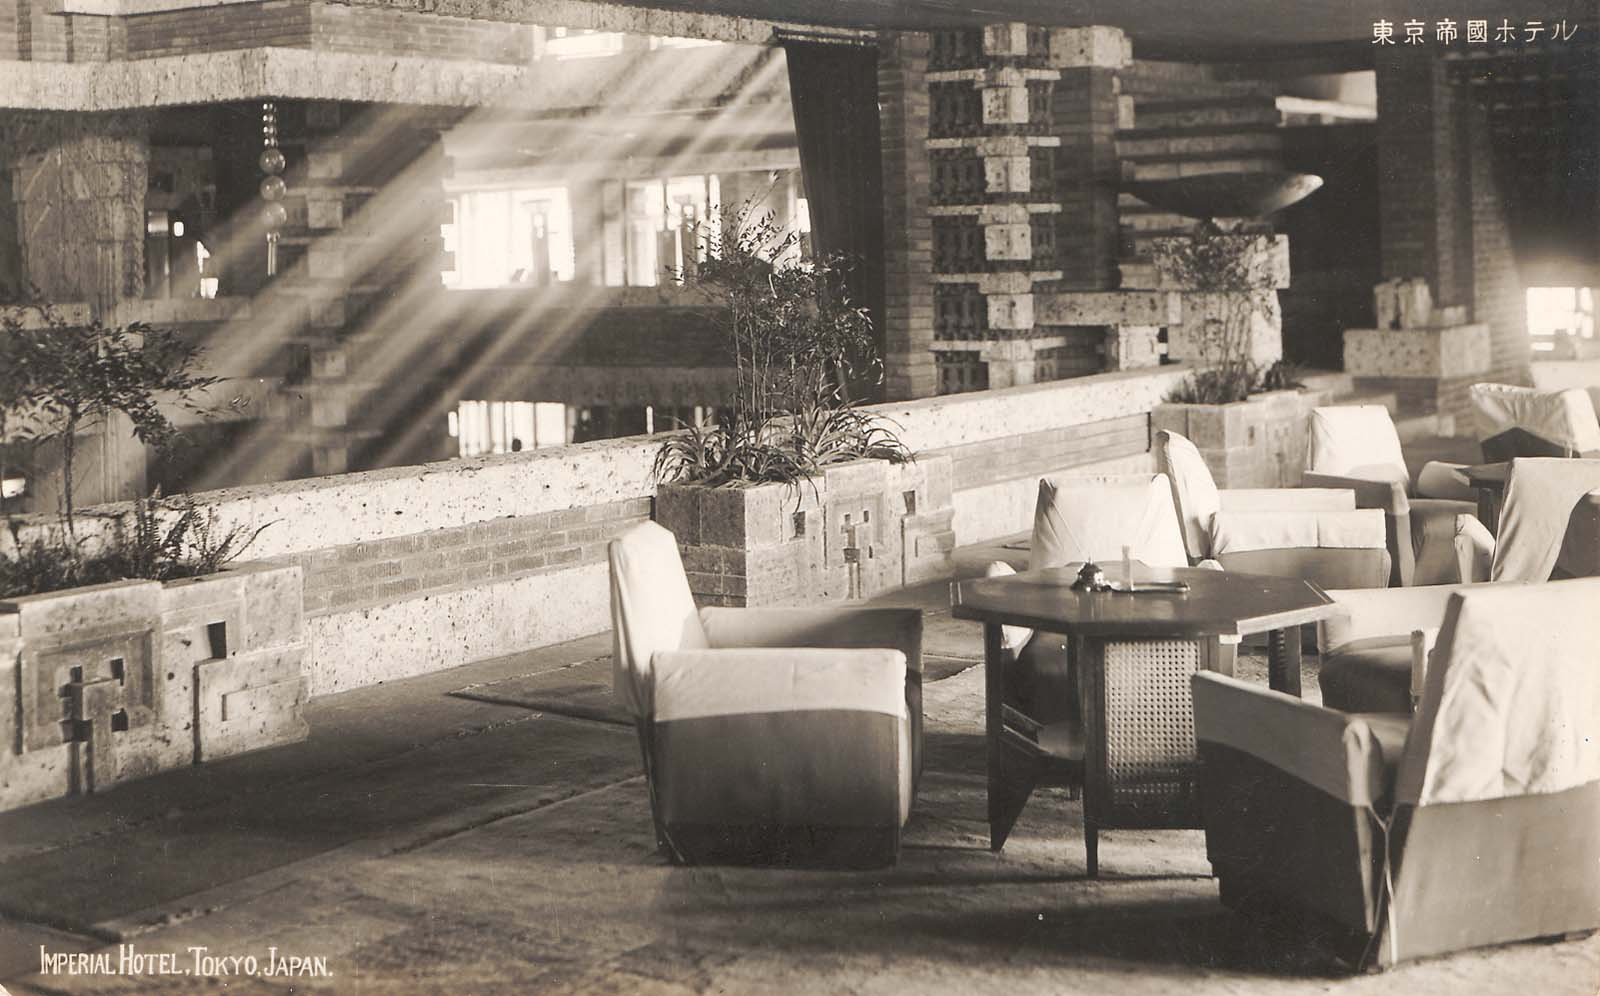 alberto mei rossi storia dell'architettura moderna . Imperial Hotel Tokio